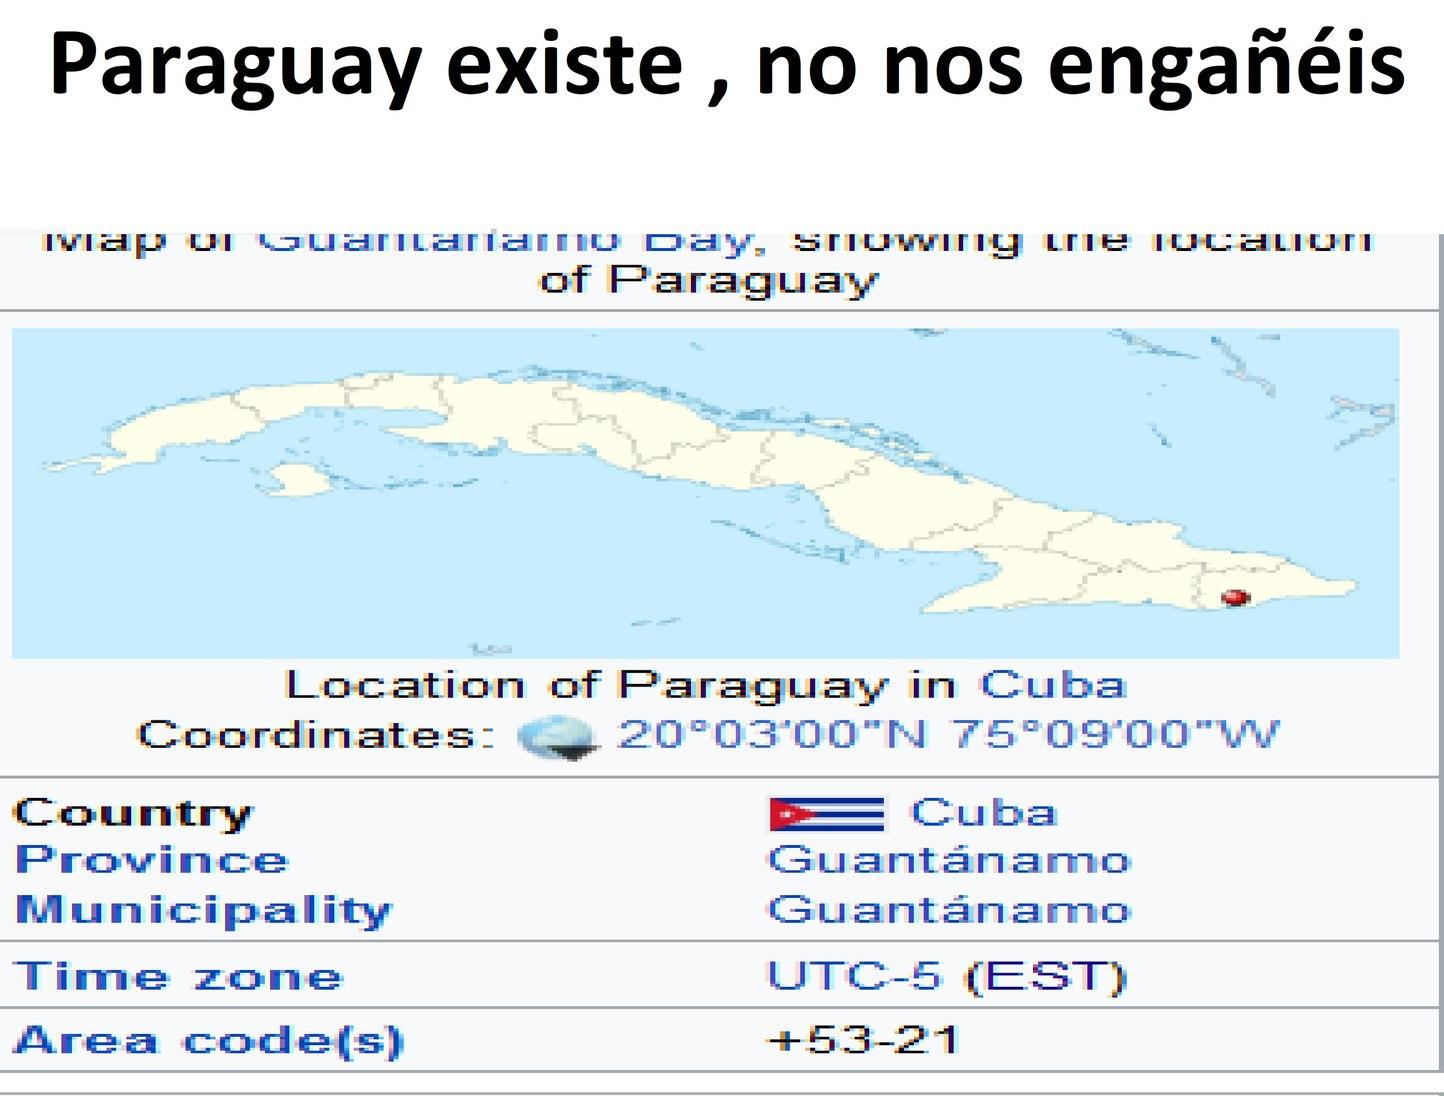 paraguay existe - meme